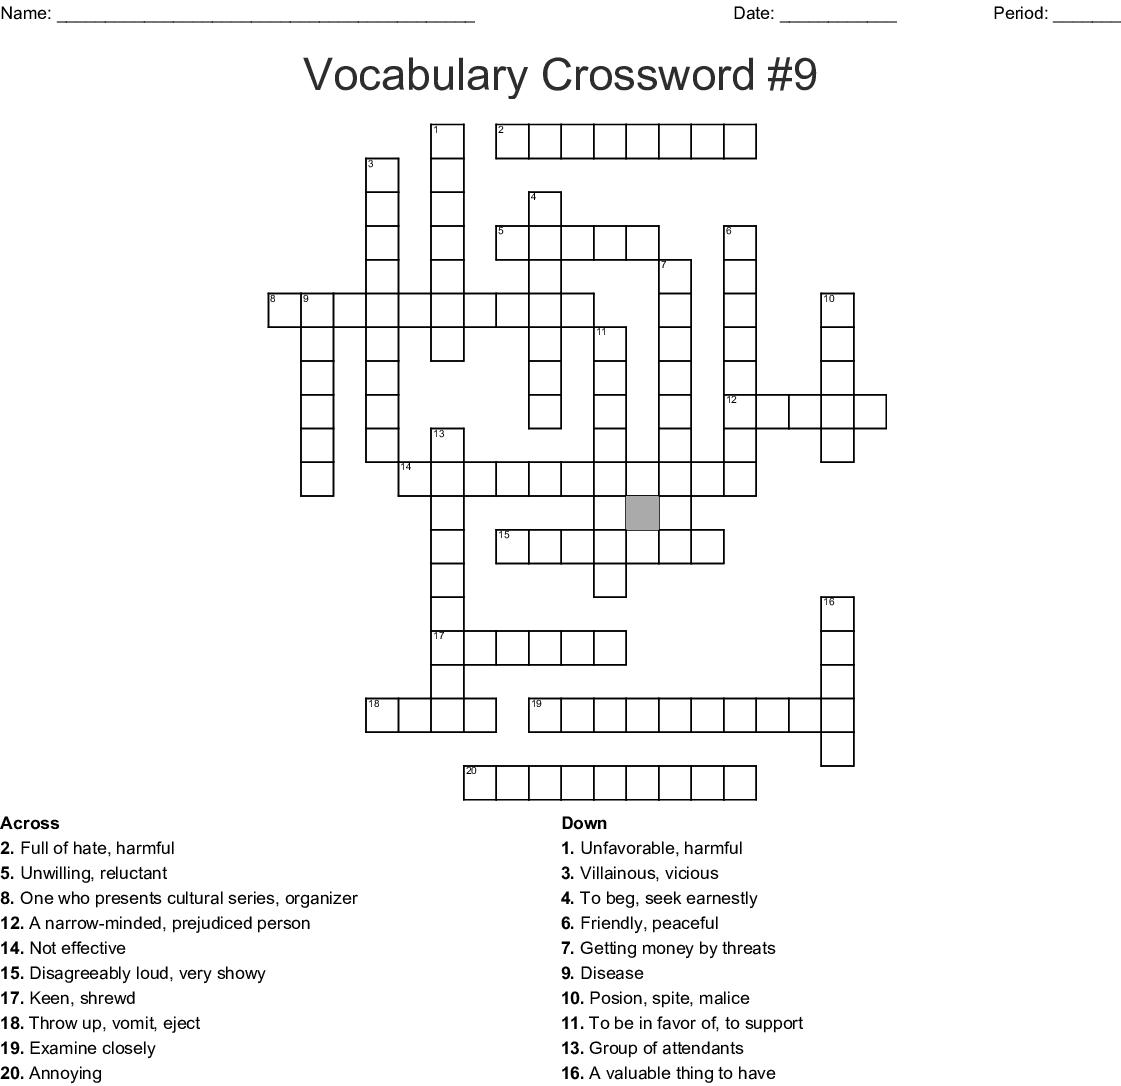 Vocabulary Crossword 9 Wordmint